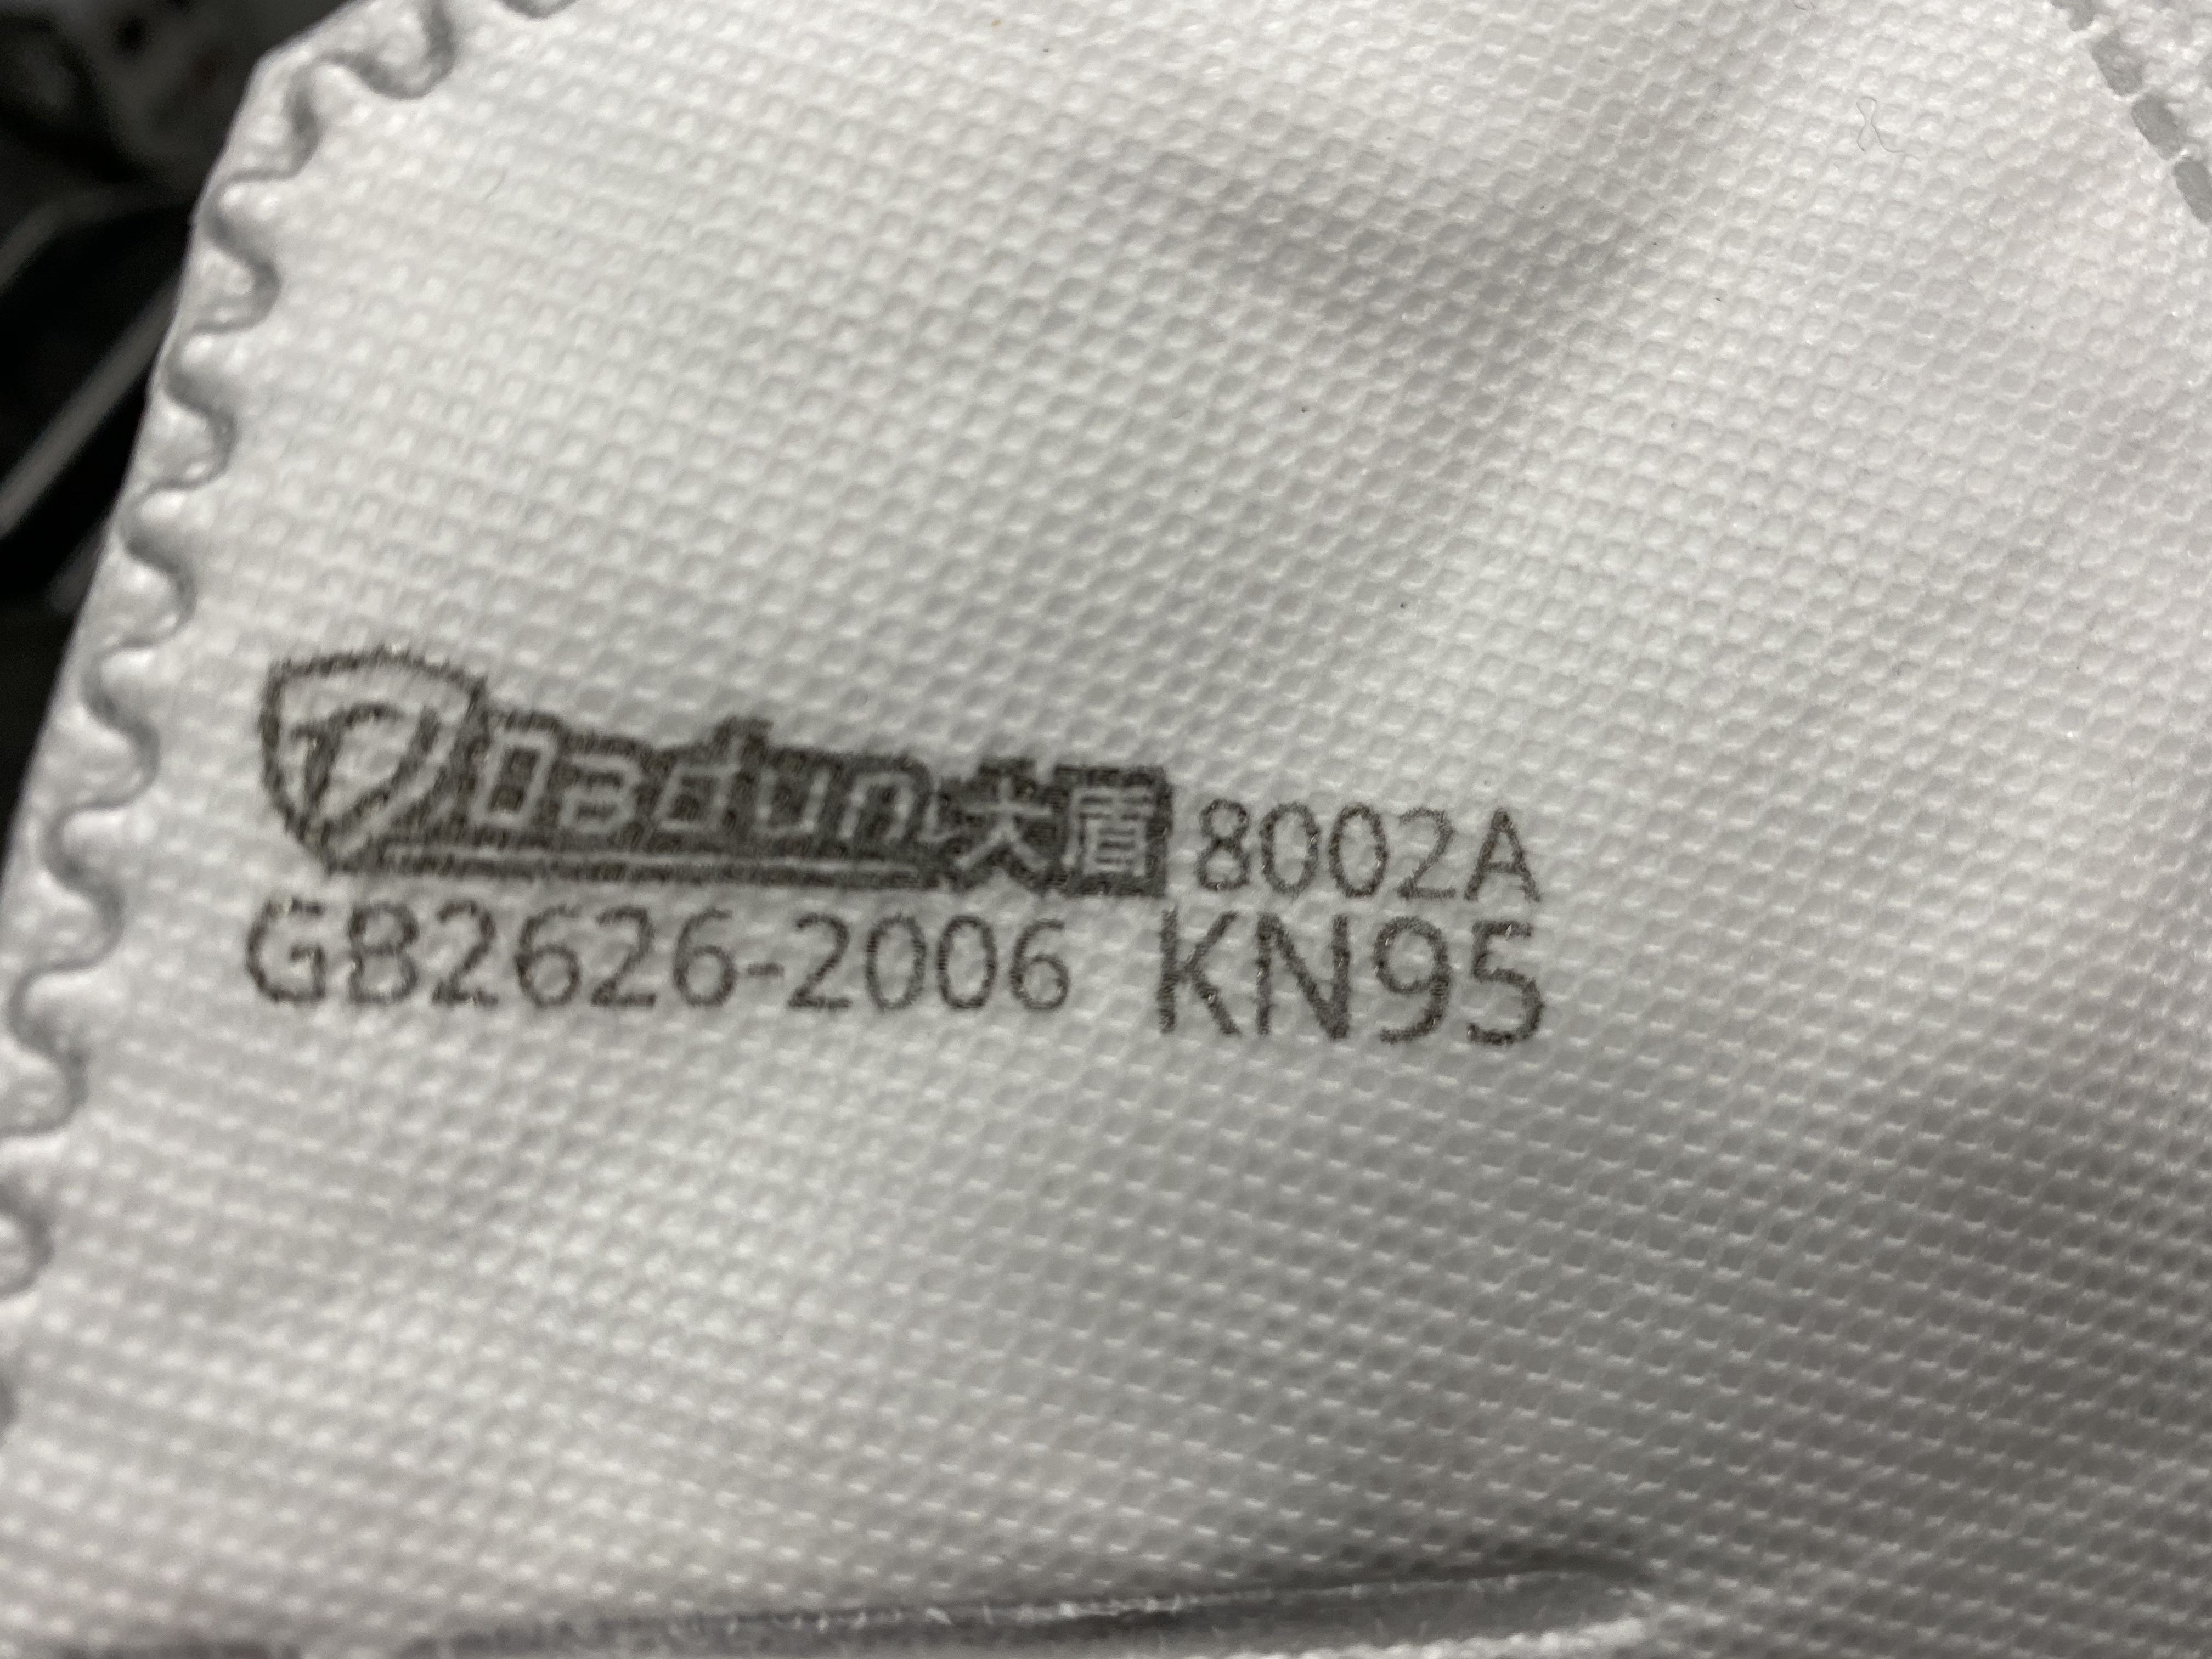 KN95口罩喷码机一次性医用外科口罩喷码机热熔墨喷码机蜡基喷码机依玛士5800热融墨高解析大字喷码机